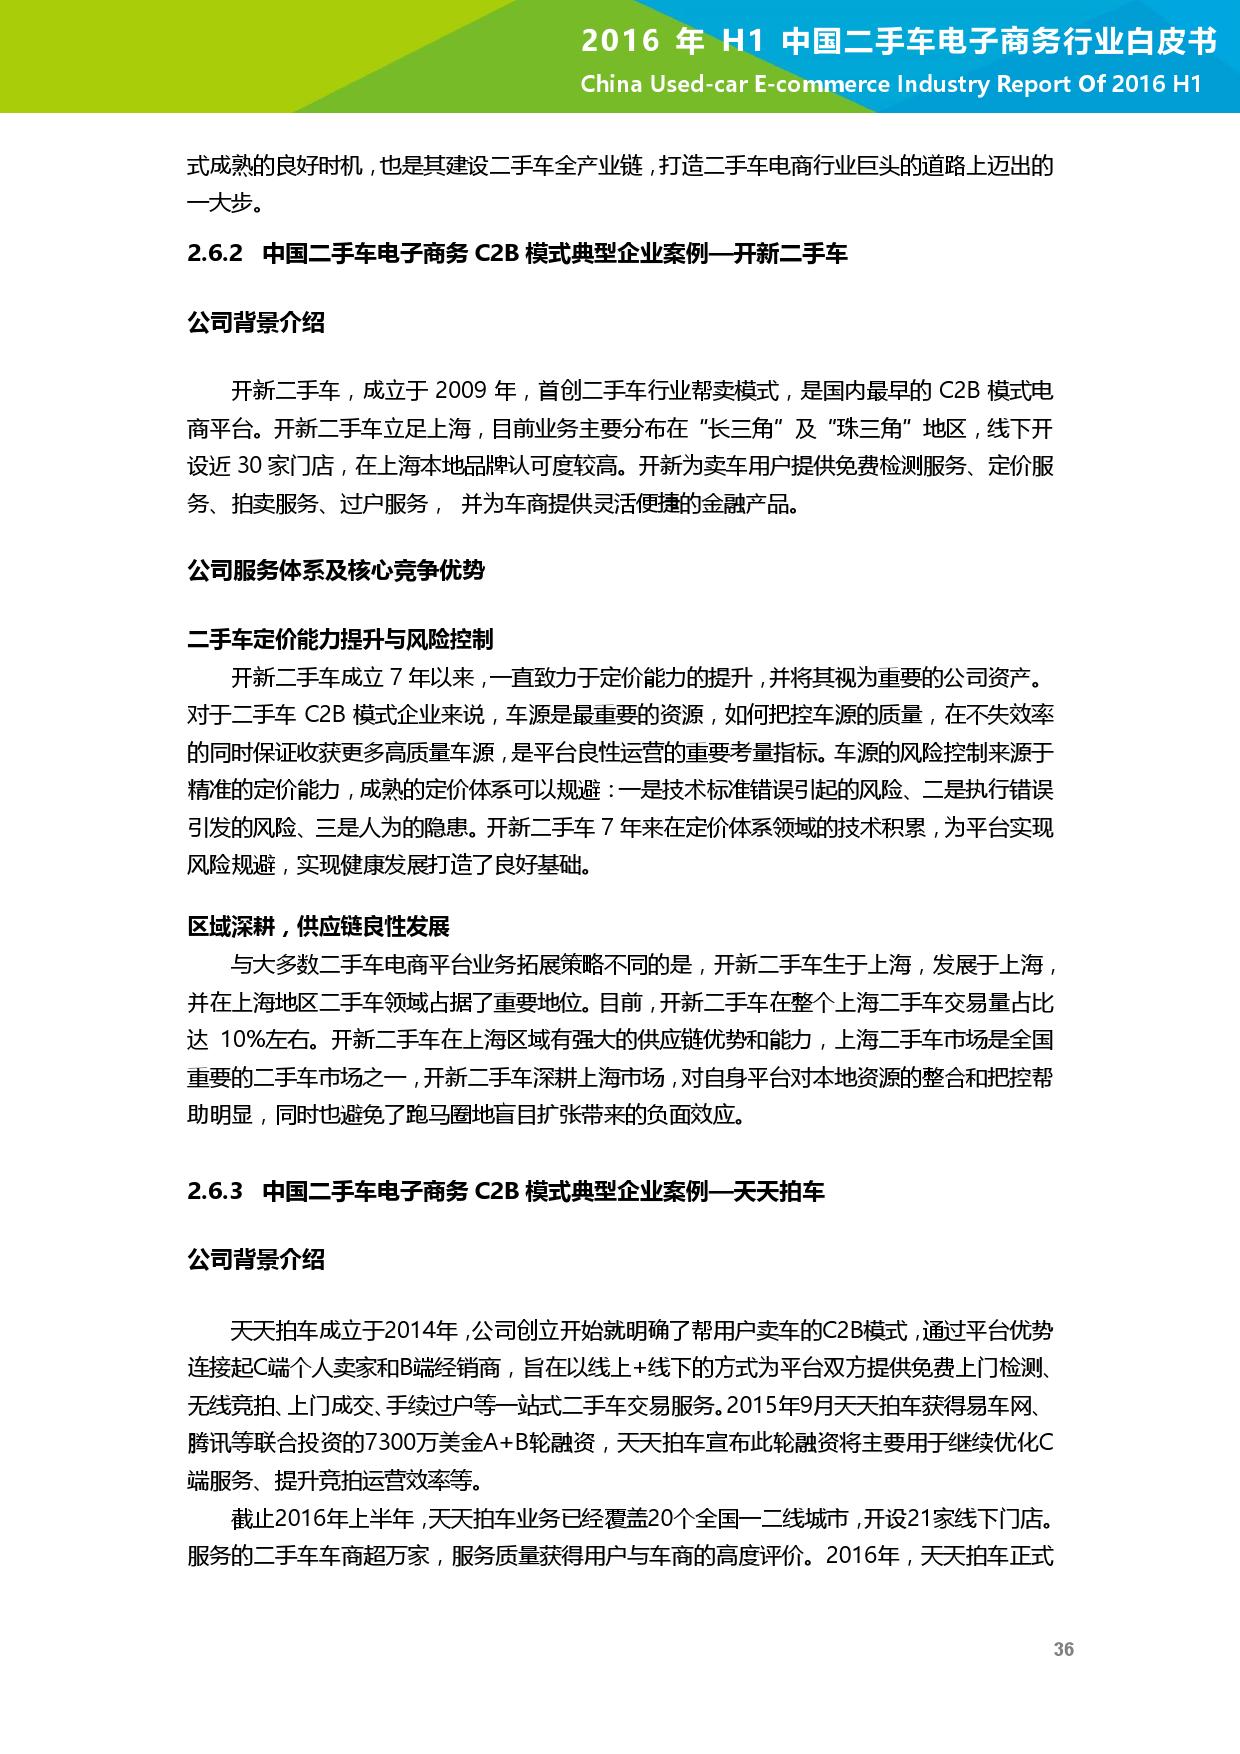 2016年H1中国二手车电子商务行业白皮书_000037